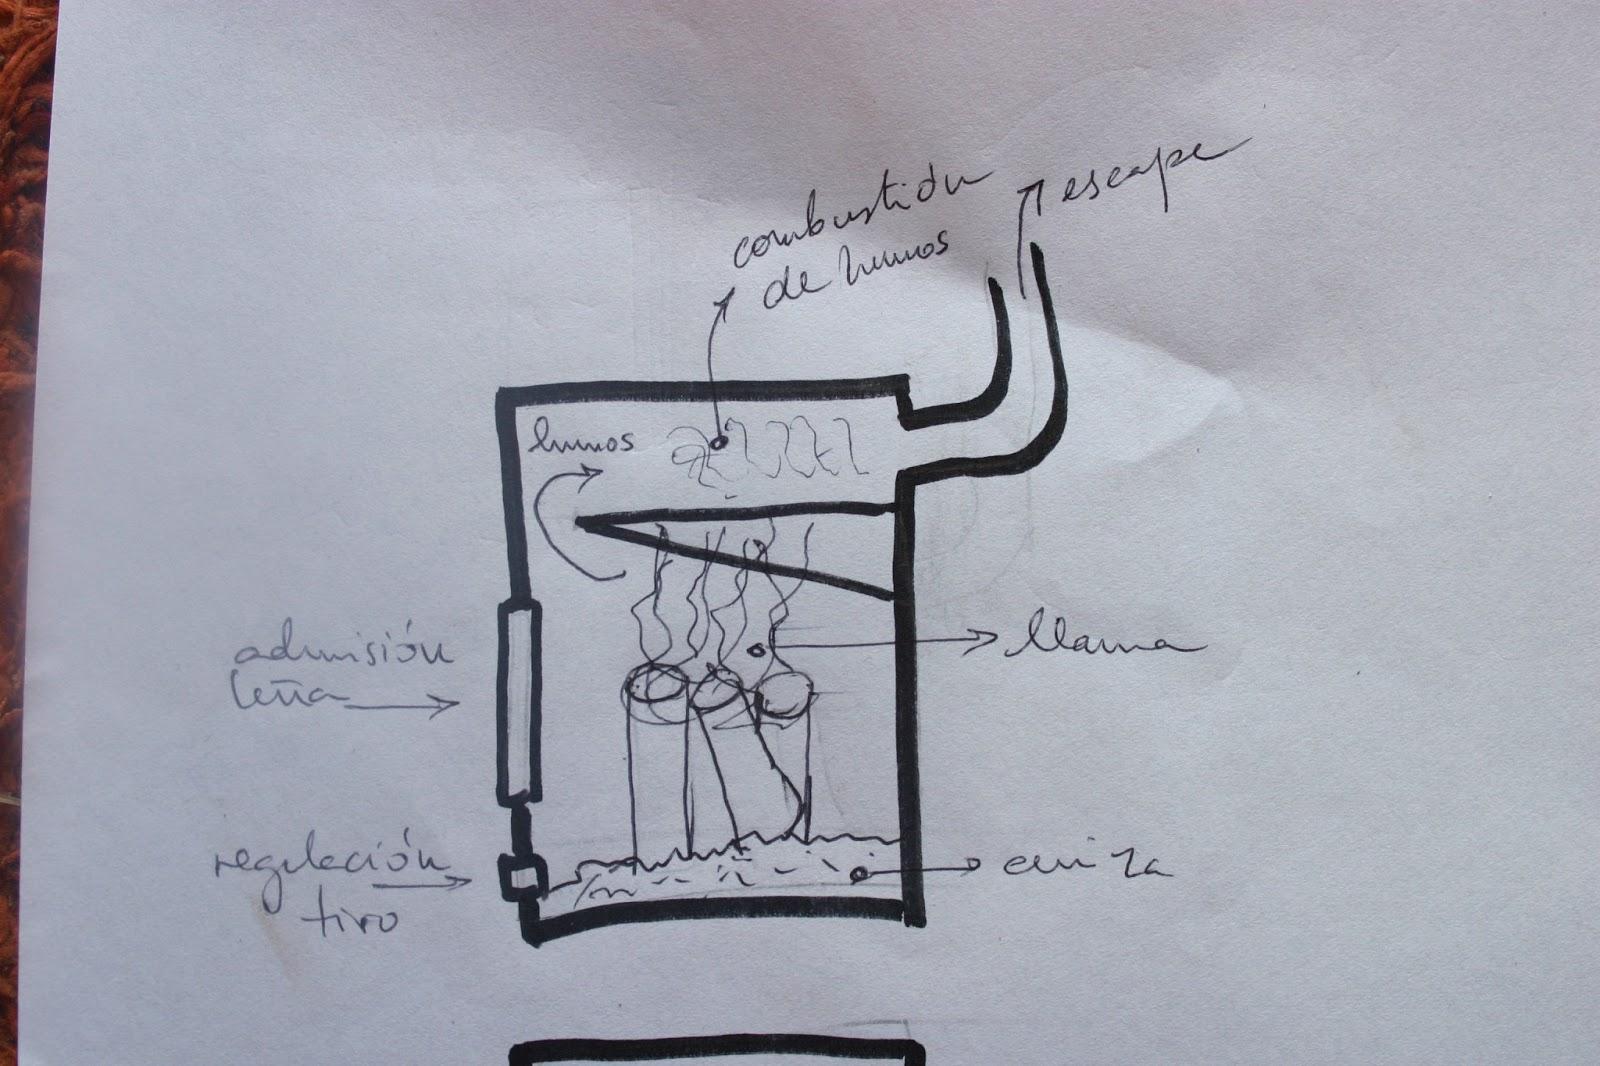 Building can santosha estufas de alta eficiencia - Chimeneas metalicas de diseno ...